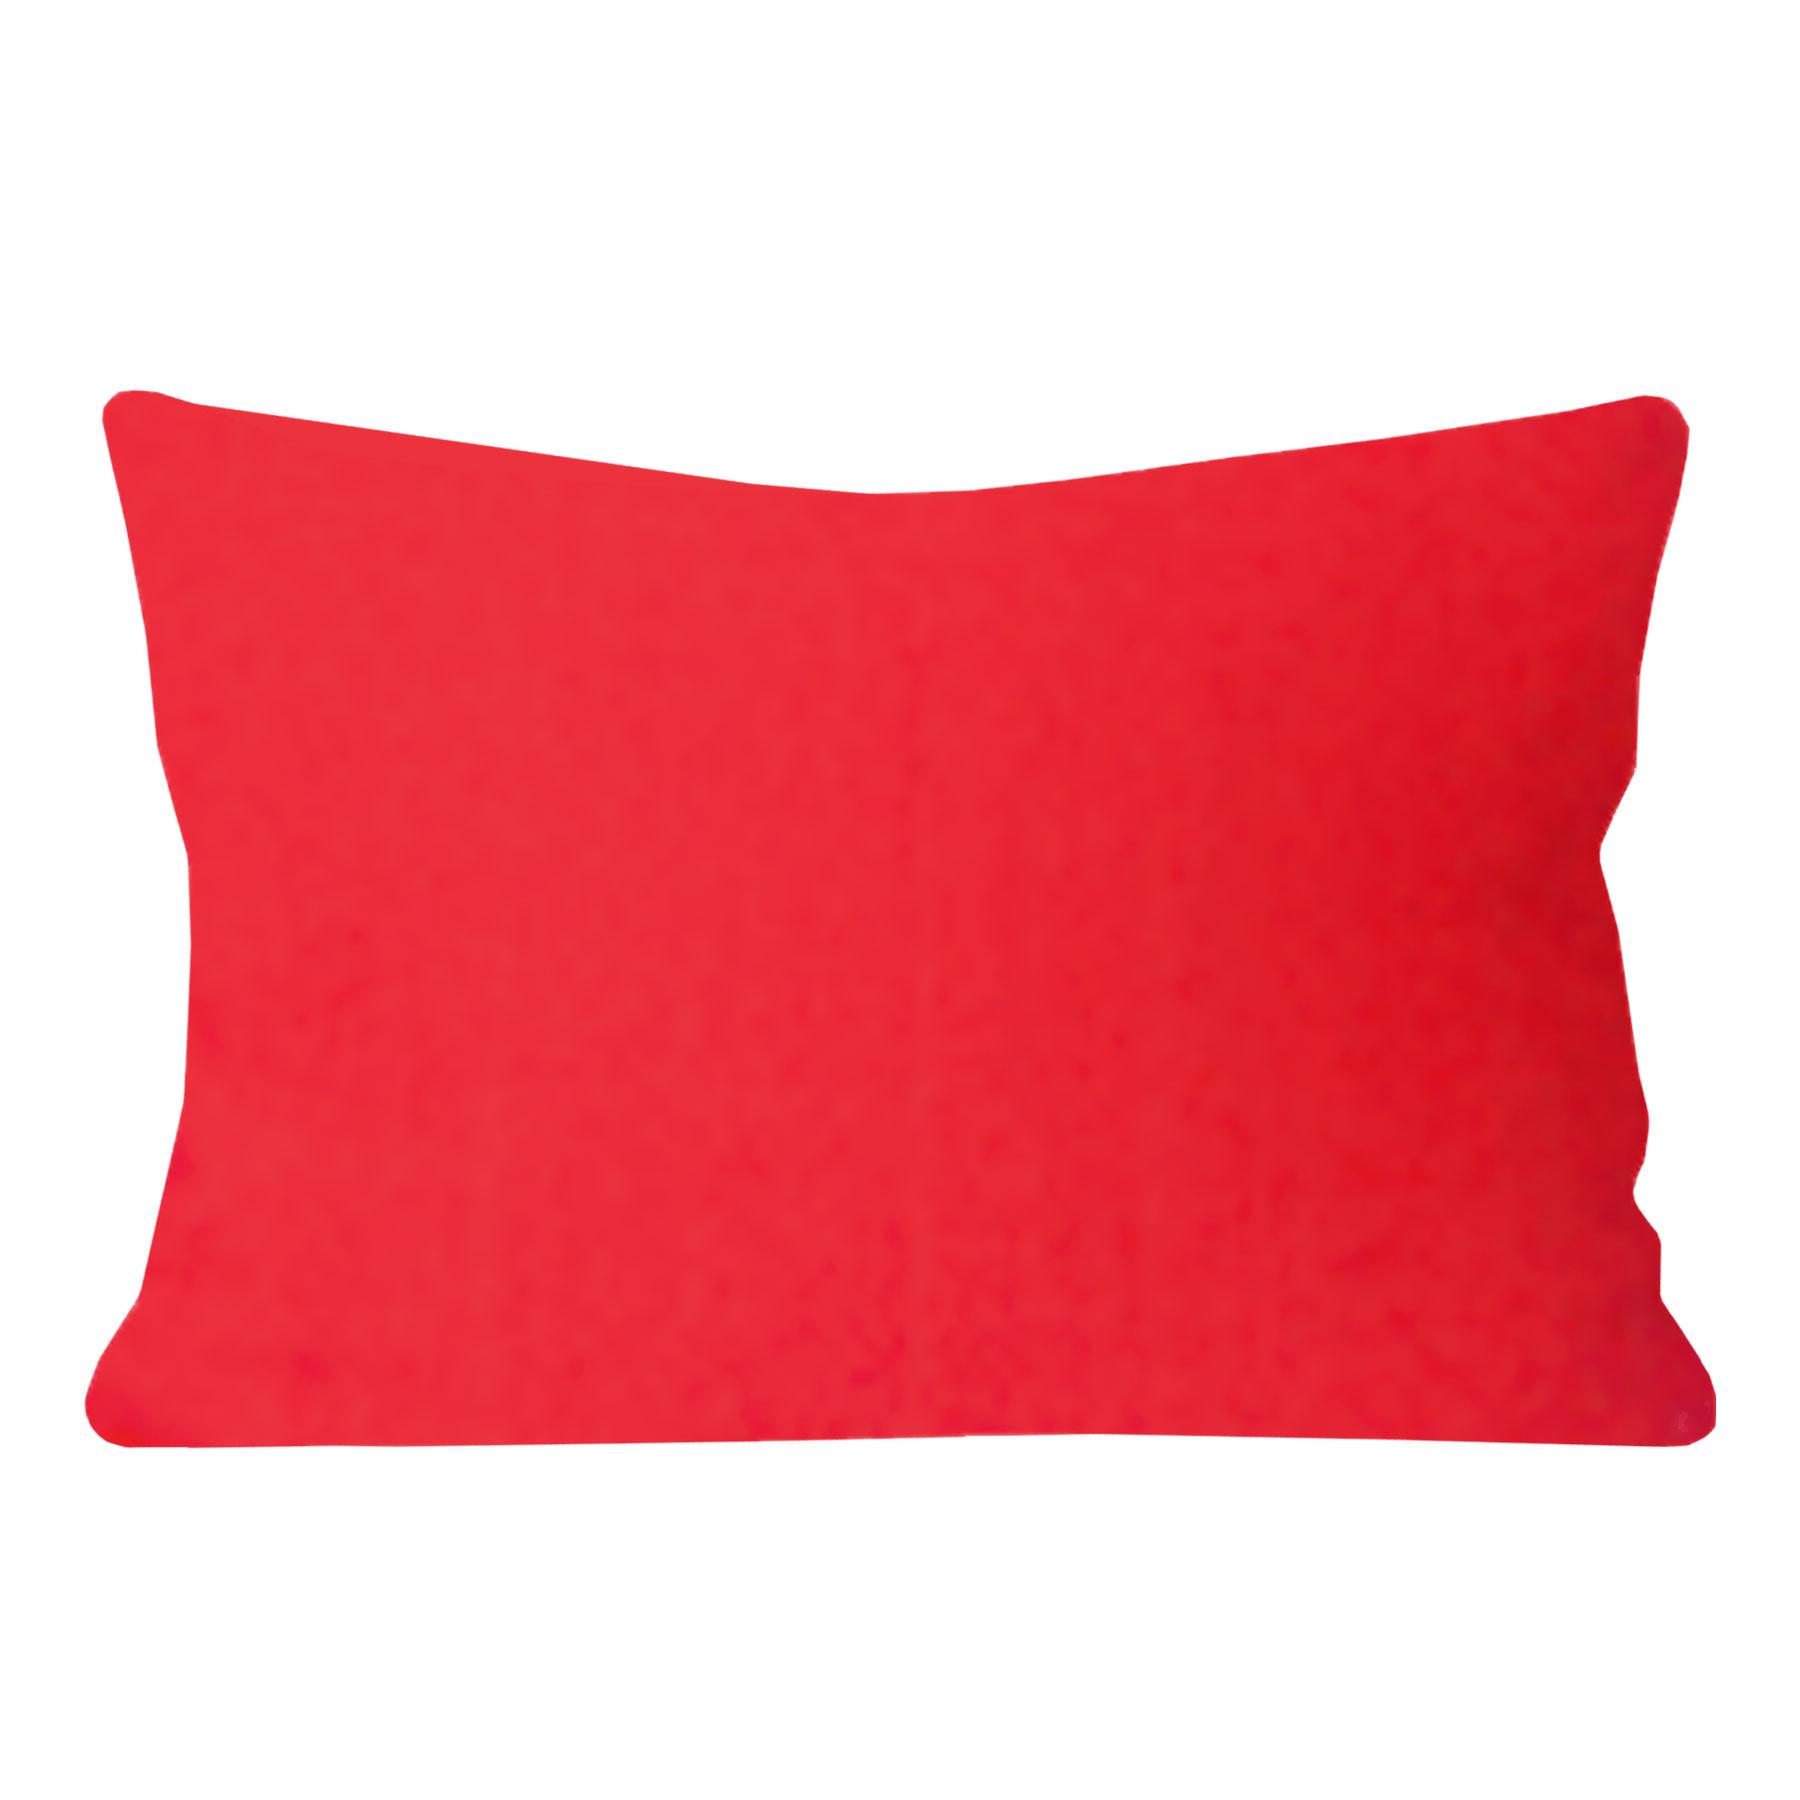 Georgia-Plain-Orange-Rectangular-Cushion